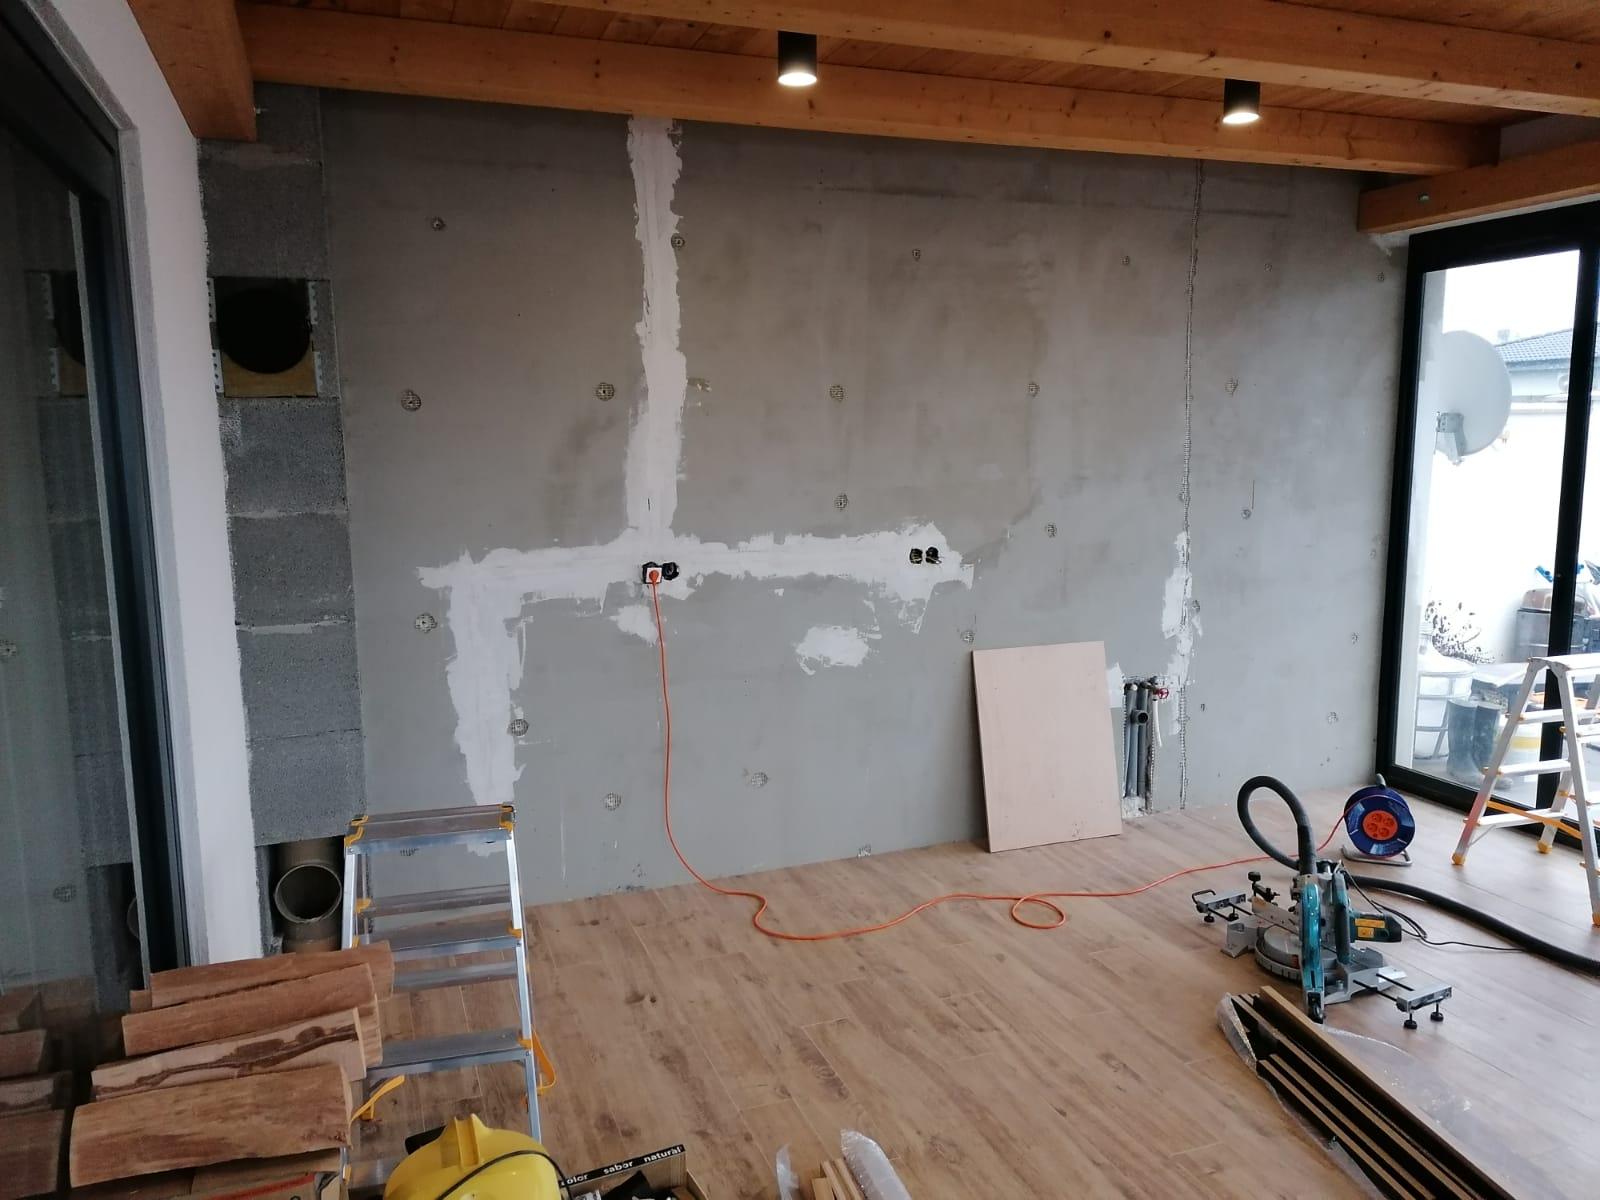 Lamelová stena Senica - lamelová stena, lamelový strop, lamely na stenu, lamelový obklad, stenové lamely, montáž lamely, samostatné lamely, dubové lamely, interiérové stenové lamely 1